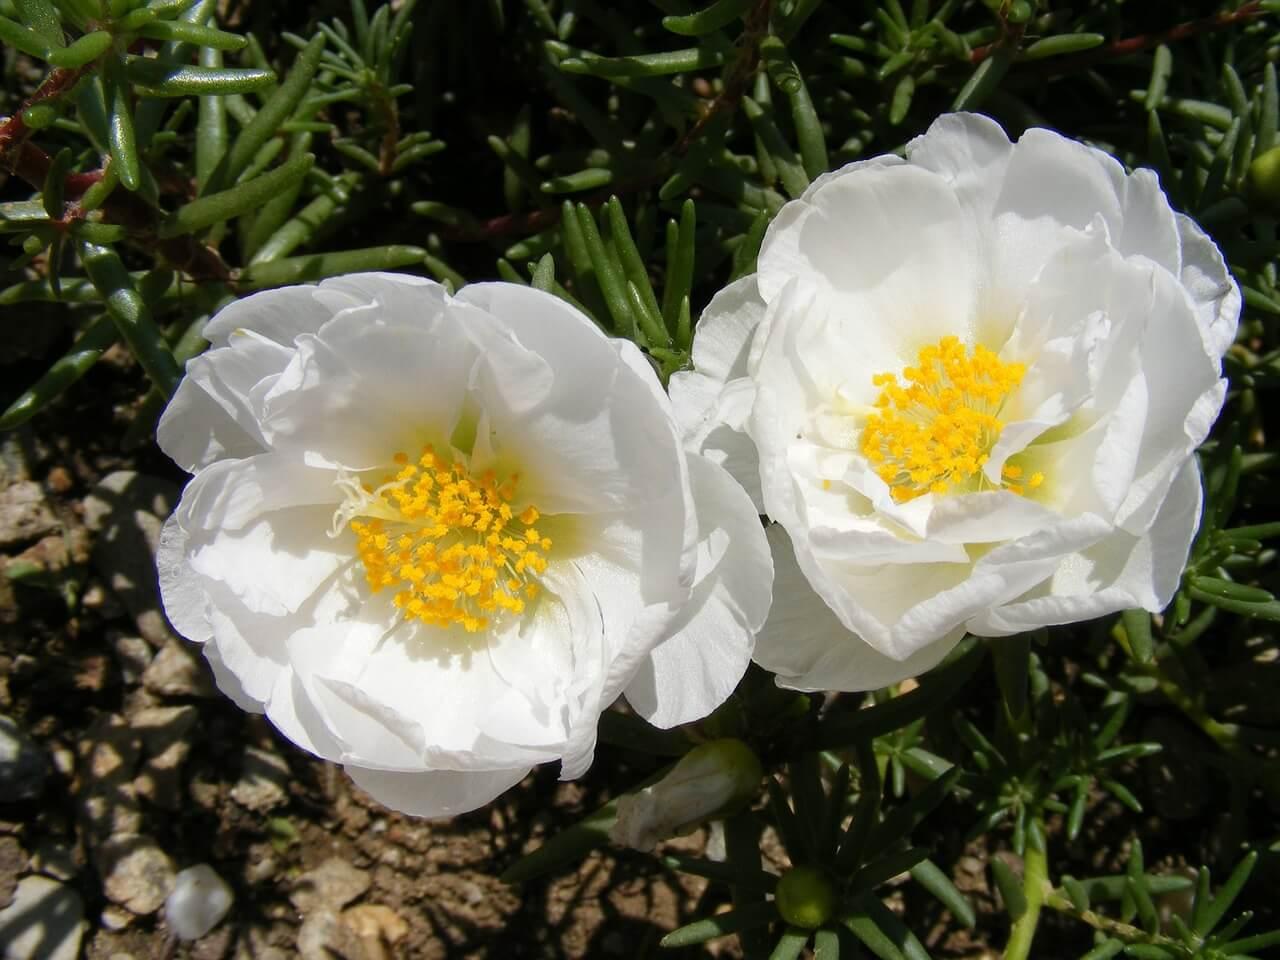 Το λευκό χρώμα στα πέταλα της πορτουλάκας και μάλιστα σε διπλή σειρά πετάλων, φωτίζει το πράσινο φόντο της βλάστησης.